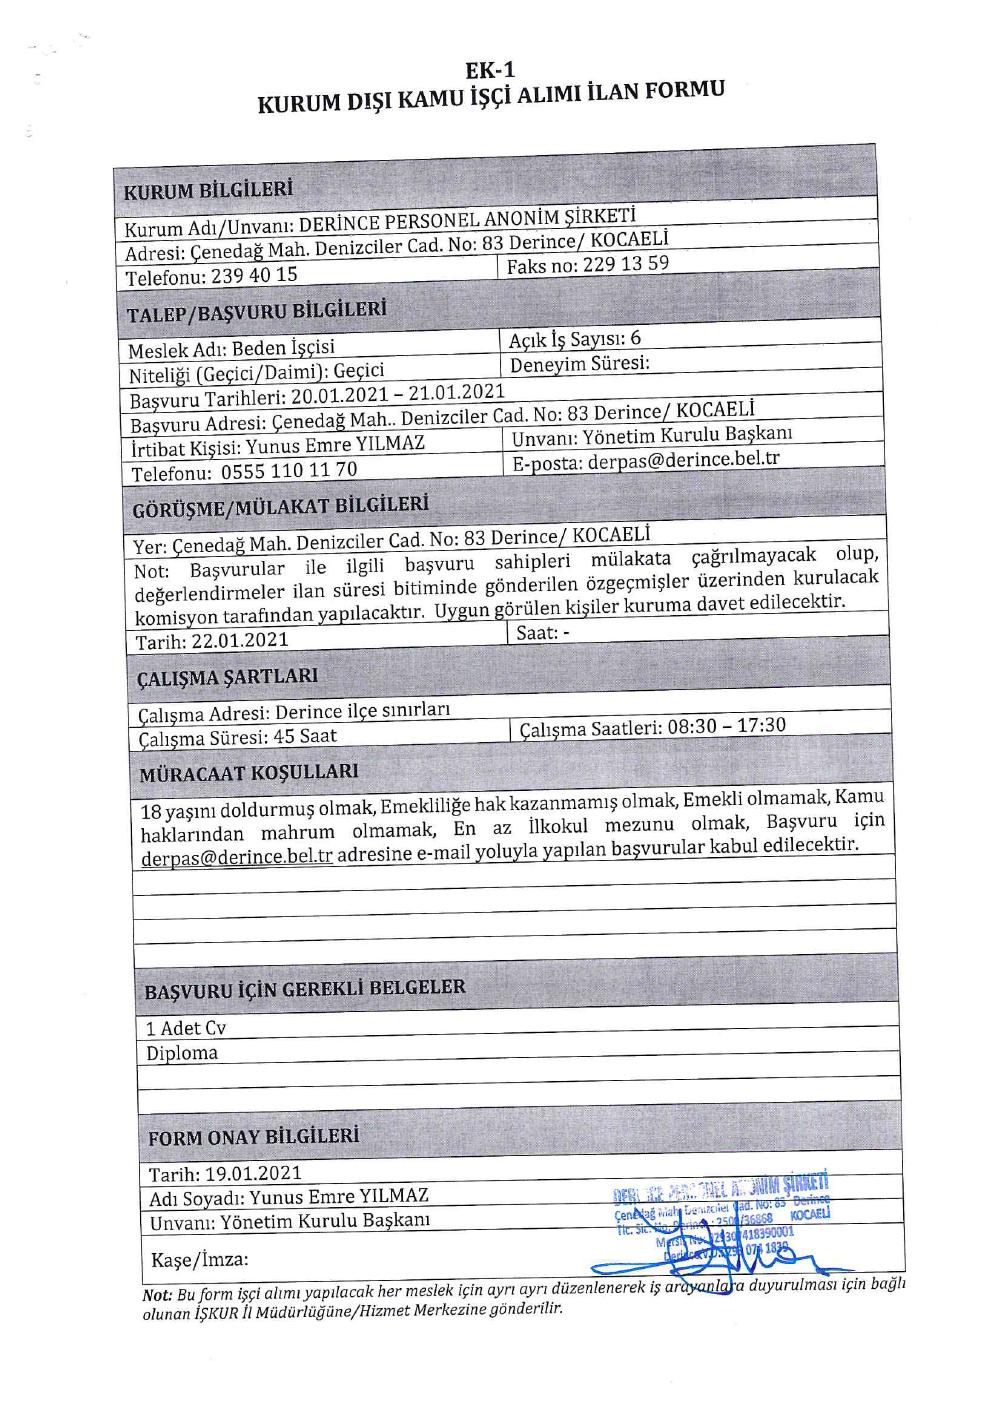 kocaeli-derince-peronel-as-21-01-2021-000001.png